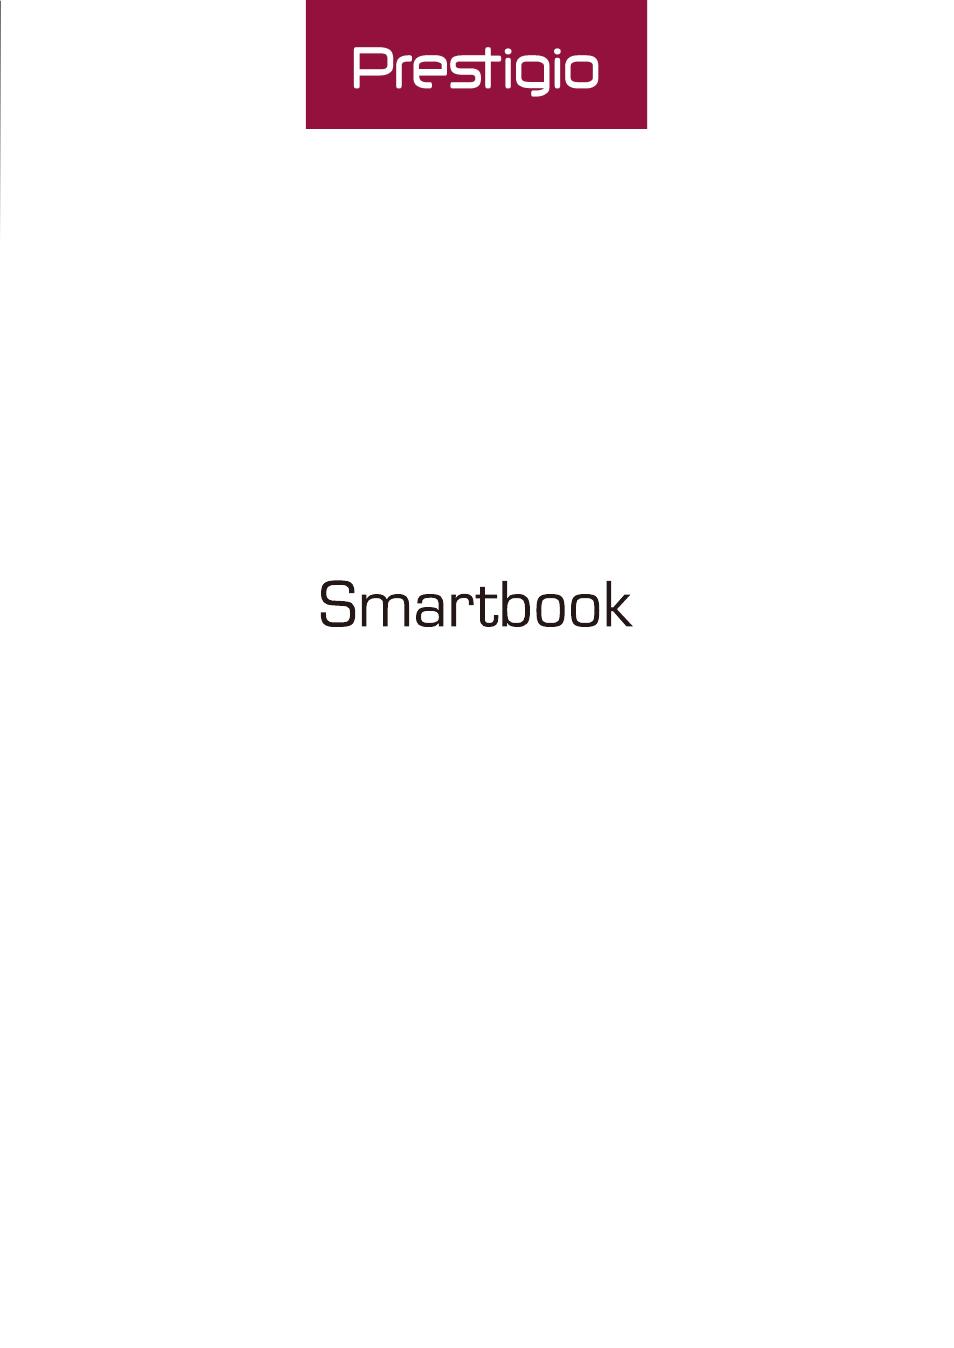 Инструкция пользования ноутбуками